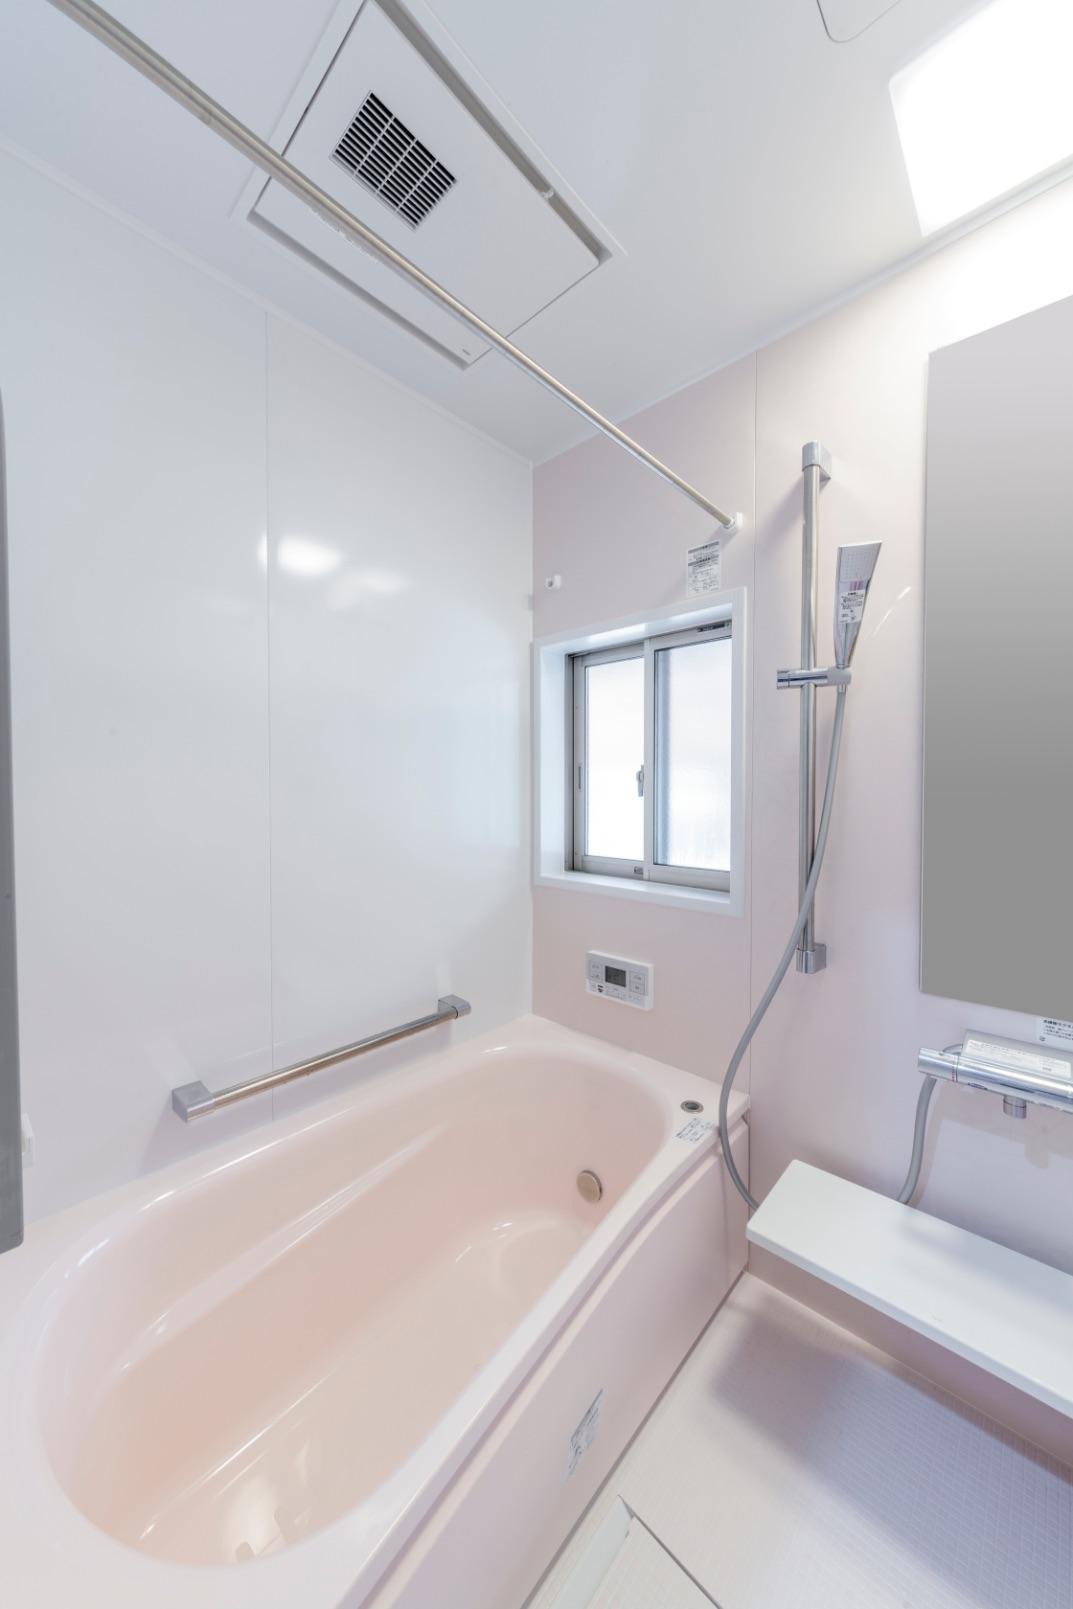 最新のユニットバスを導入。浴室はピンクをベースカラーにチョイス。